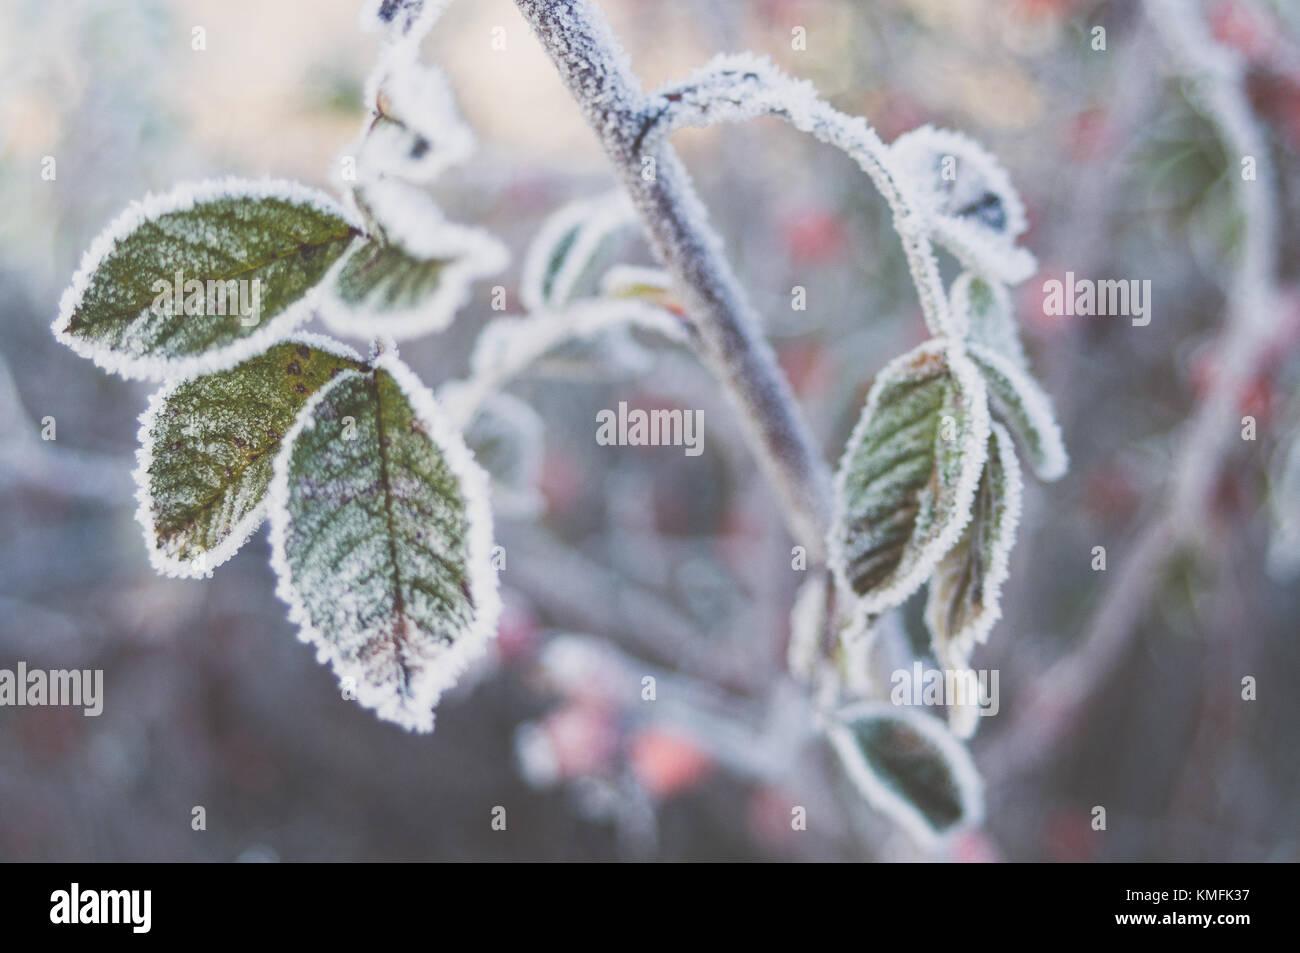 Cristaux de givre sur les feuilles sweetbrier. Photo Stock